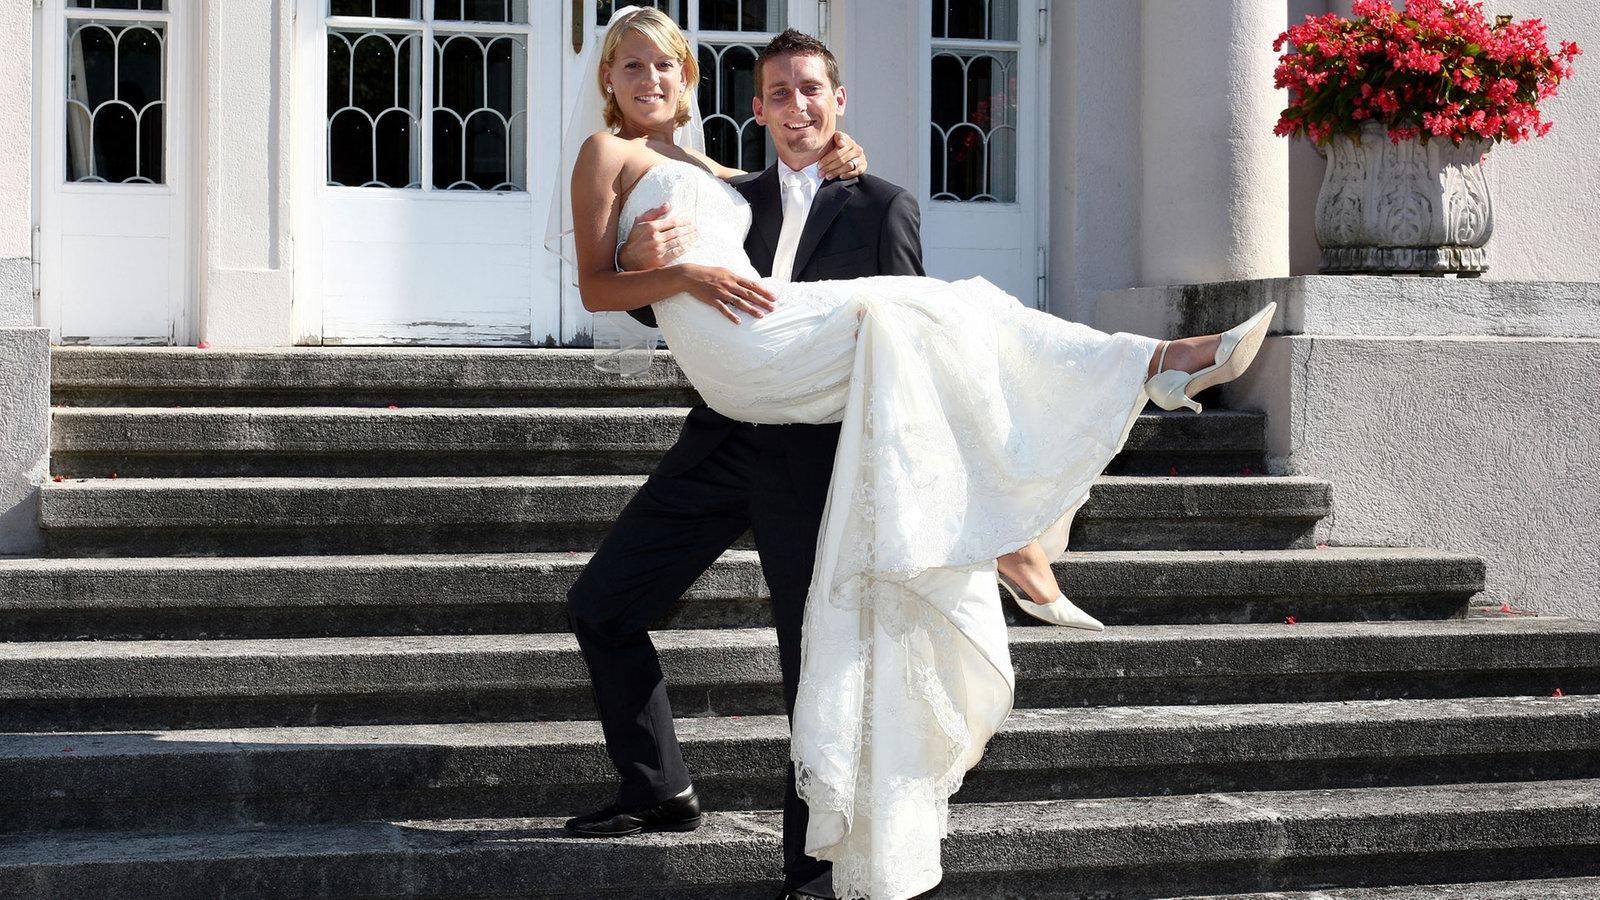 Hochzeit: Hochzeit - Brauchtum - Kultur - Planet Wissen